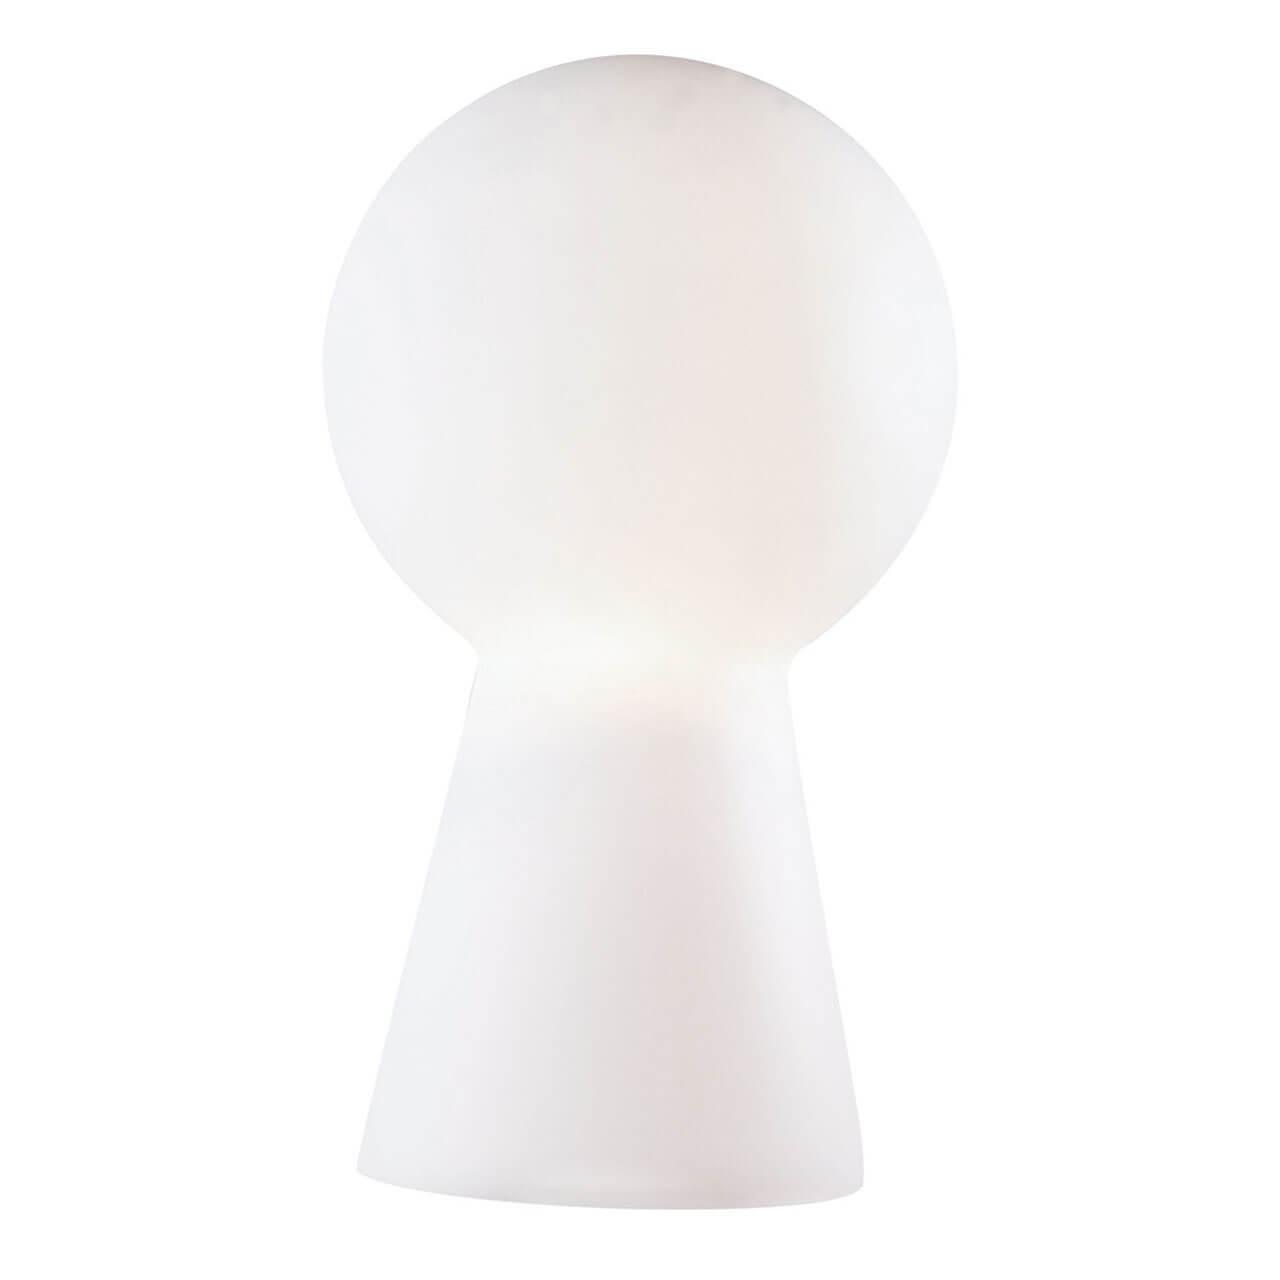 Настольная лампа Ideal Lux Birillo TL1 Small Bianco настольная лампа ideal lux london cromo tl1 big